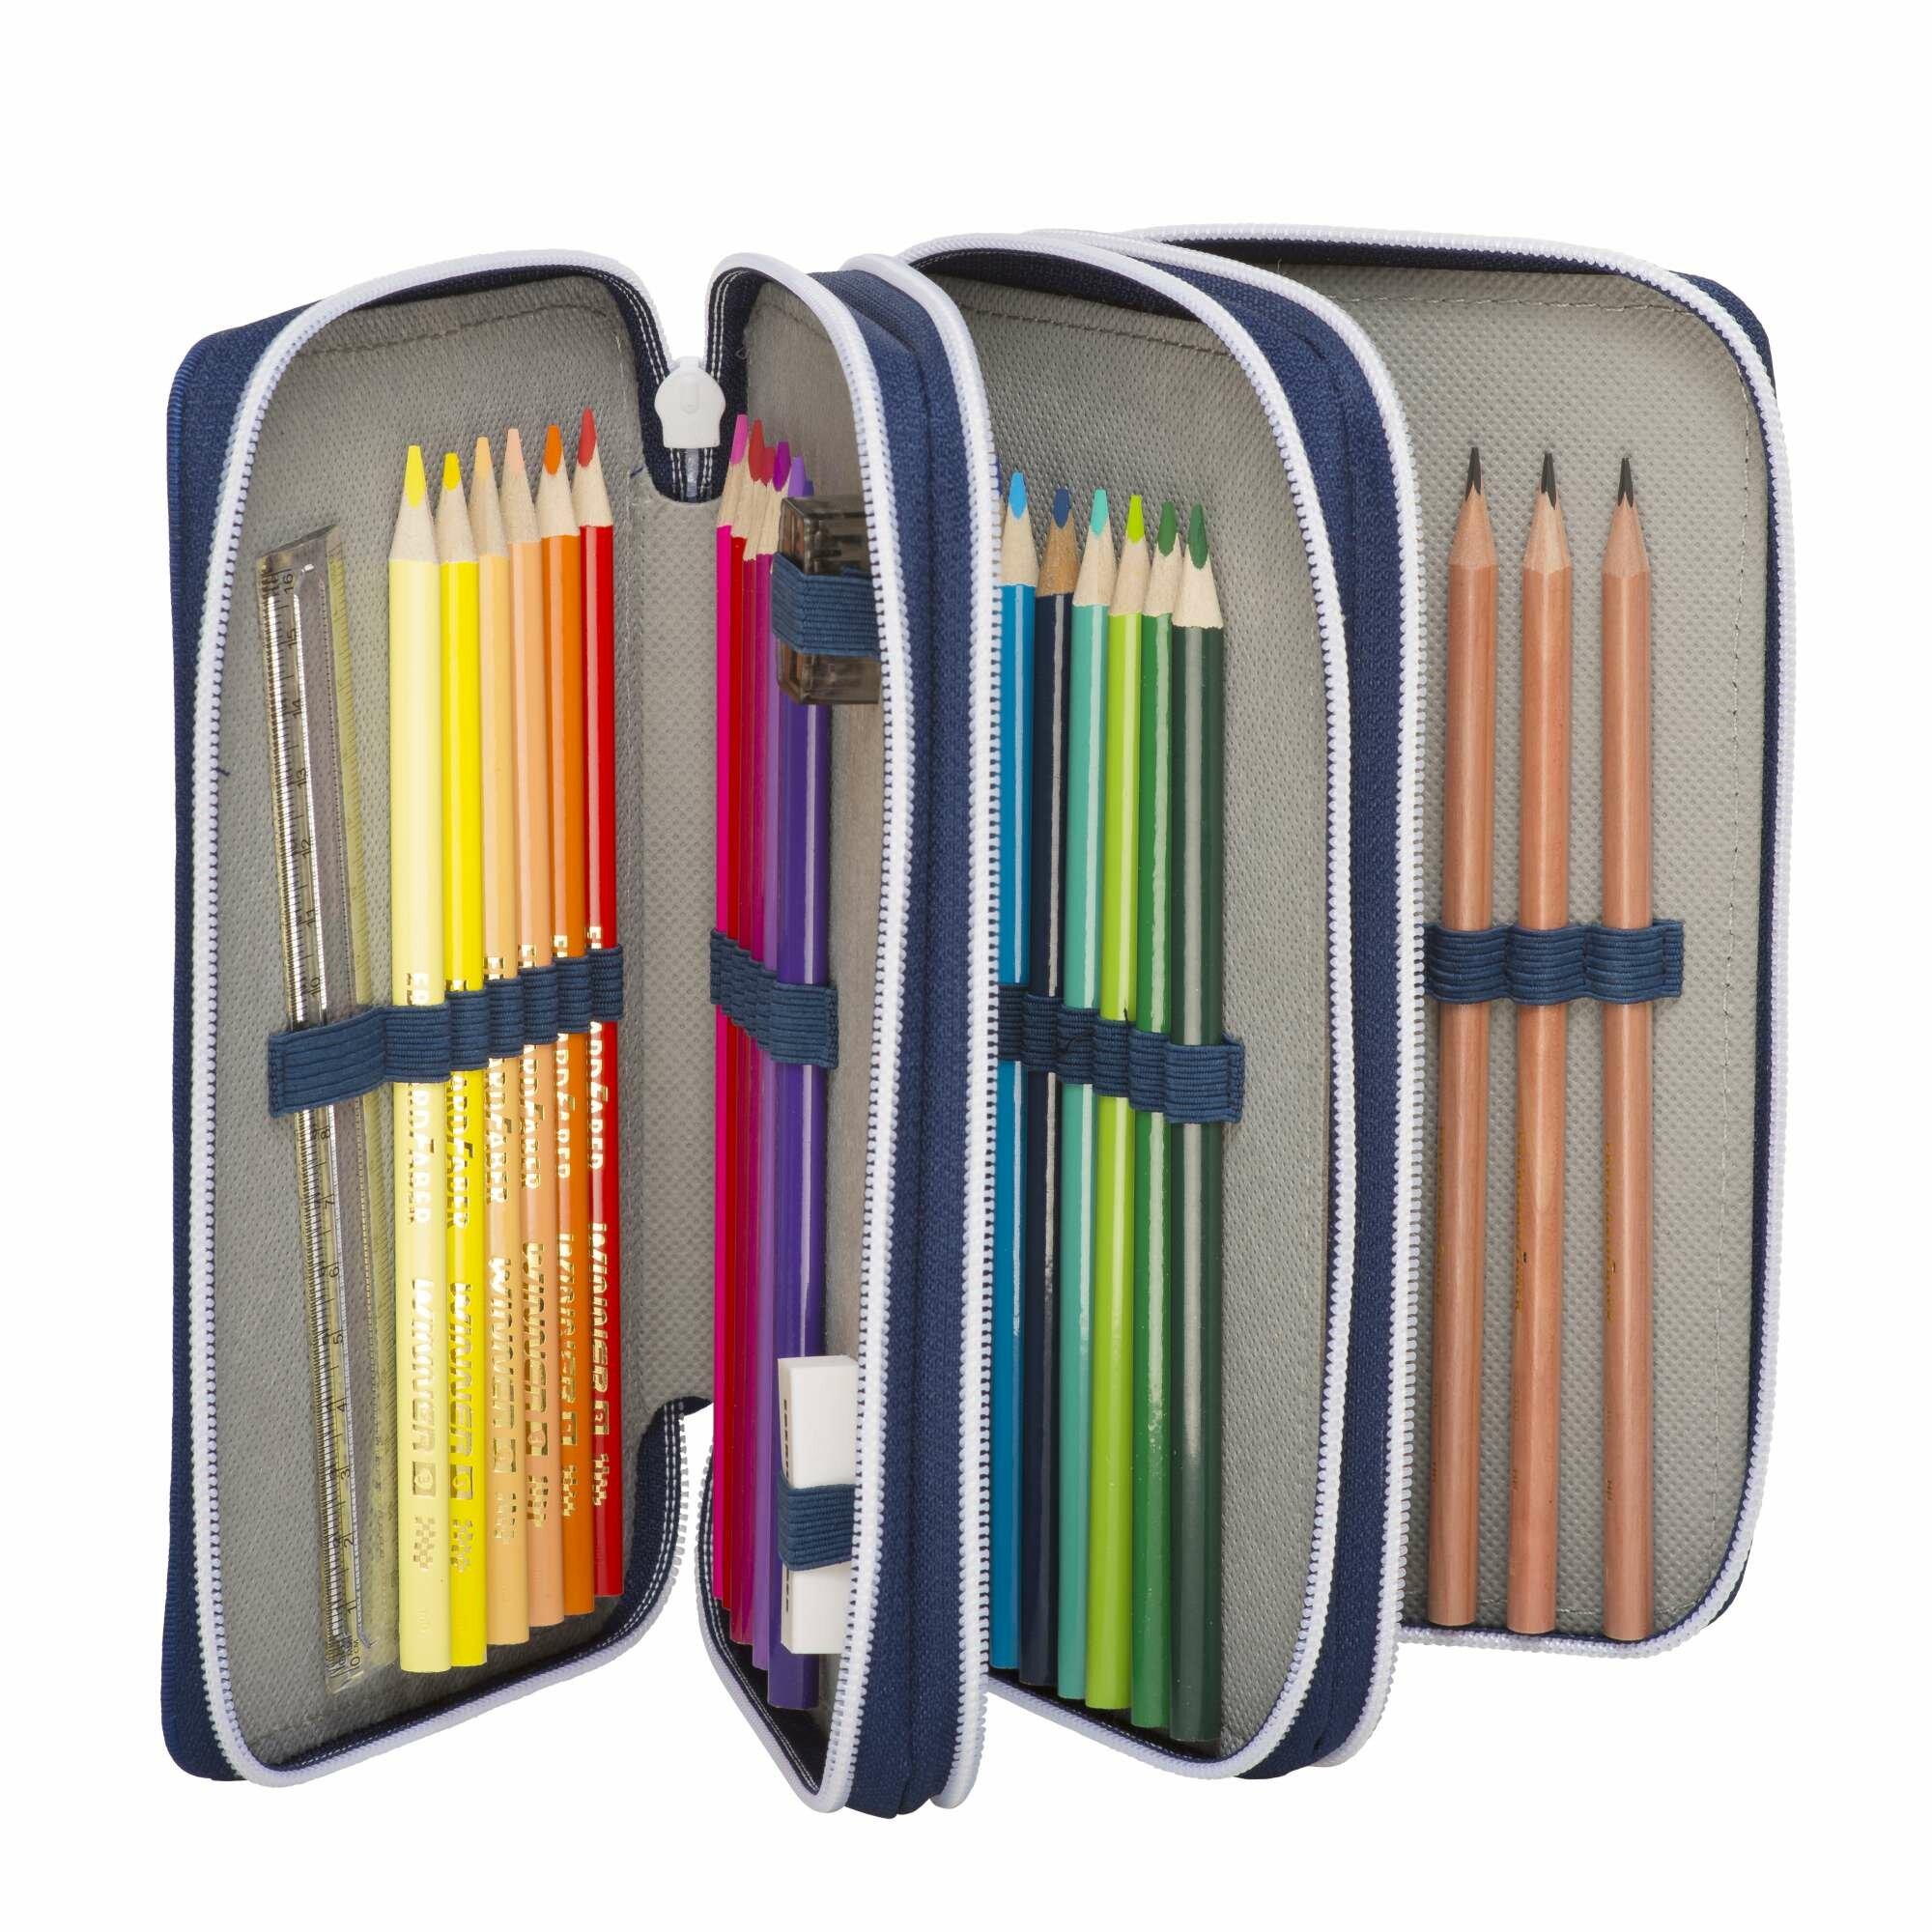 Beckmann Penalhus til børn - inkl. indhold, en lille tegneblok og plastlomme til skoleskema. Pris: 249,00kr.